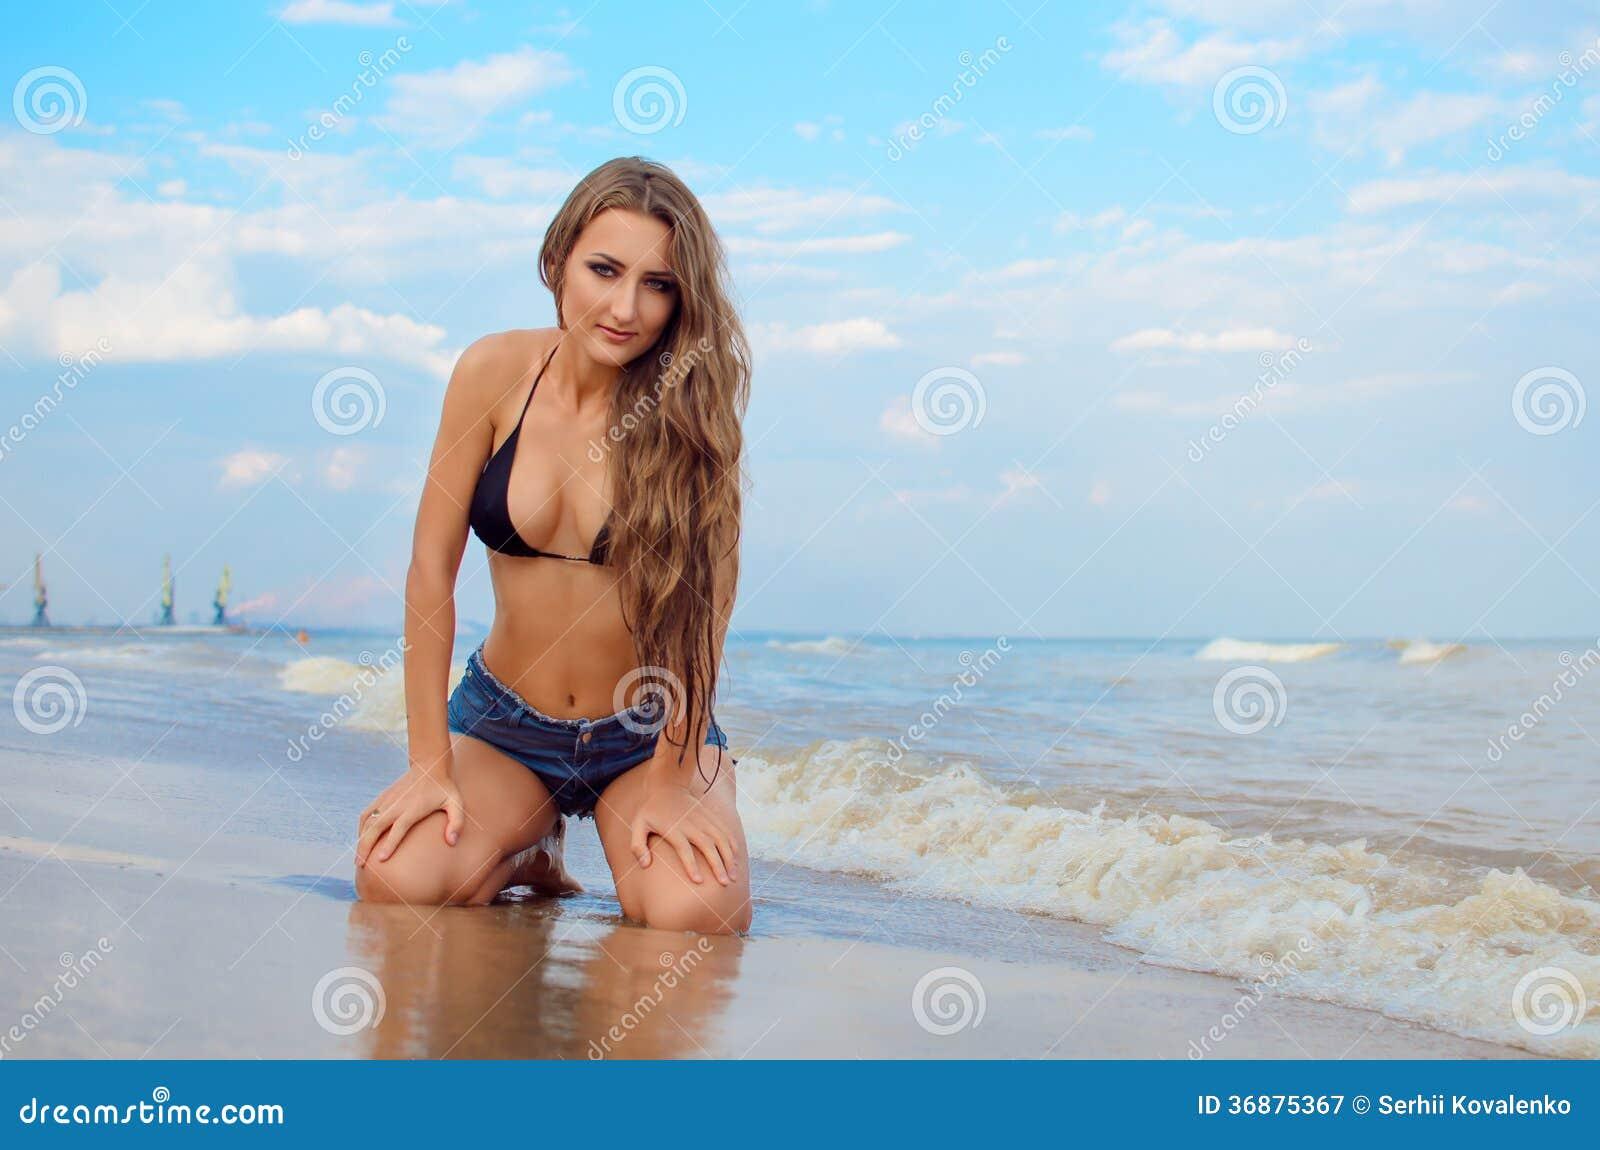 Download Ragazza sulla spiaggia immagine stock. Immagine di lungo - 36875367